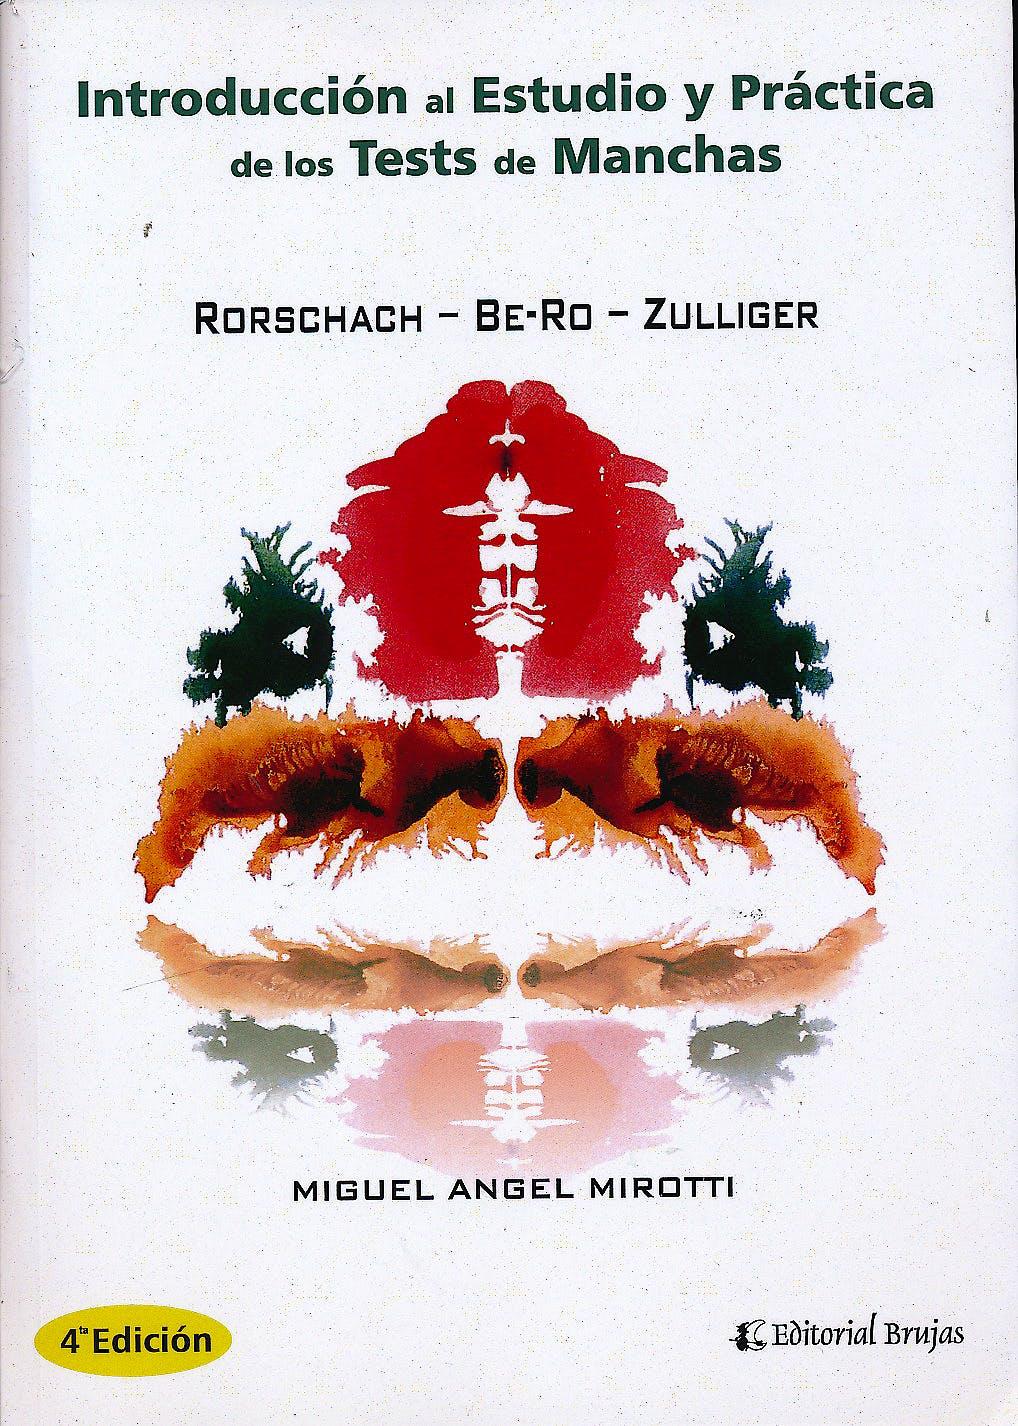 Portada del libro 9789875915787 Introduccion al Estudio y Practica de los Test de las Manchas  Rorschach - Be-Ro - Zulliger